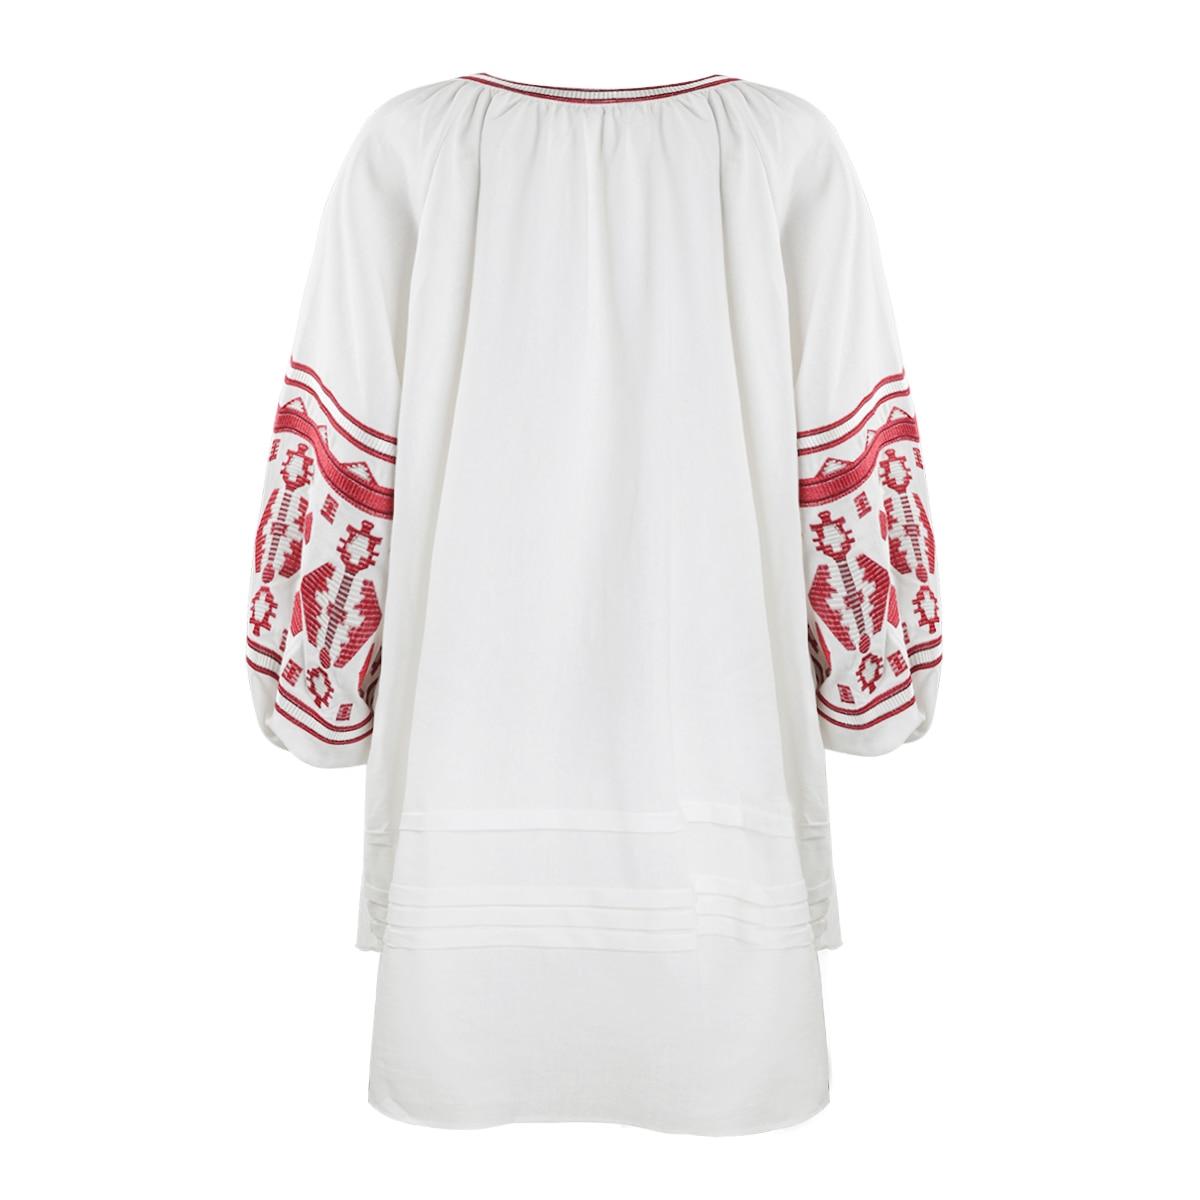 Retro Dress Size Style Lantern United Embroidery States 80 Large Kissmilk Sleeve Ethnic And Europe The Sleeves Long Z1wWxxqzH